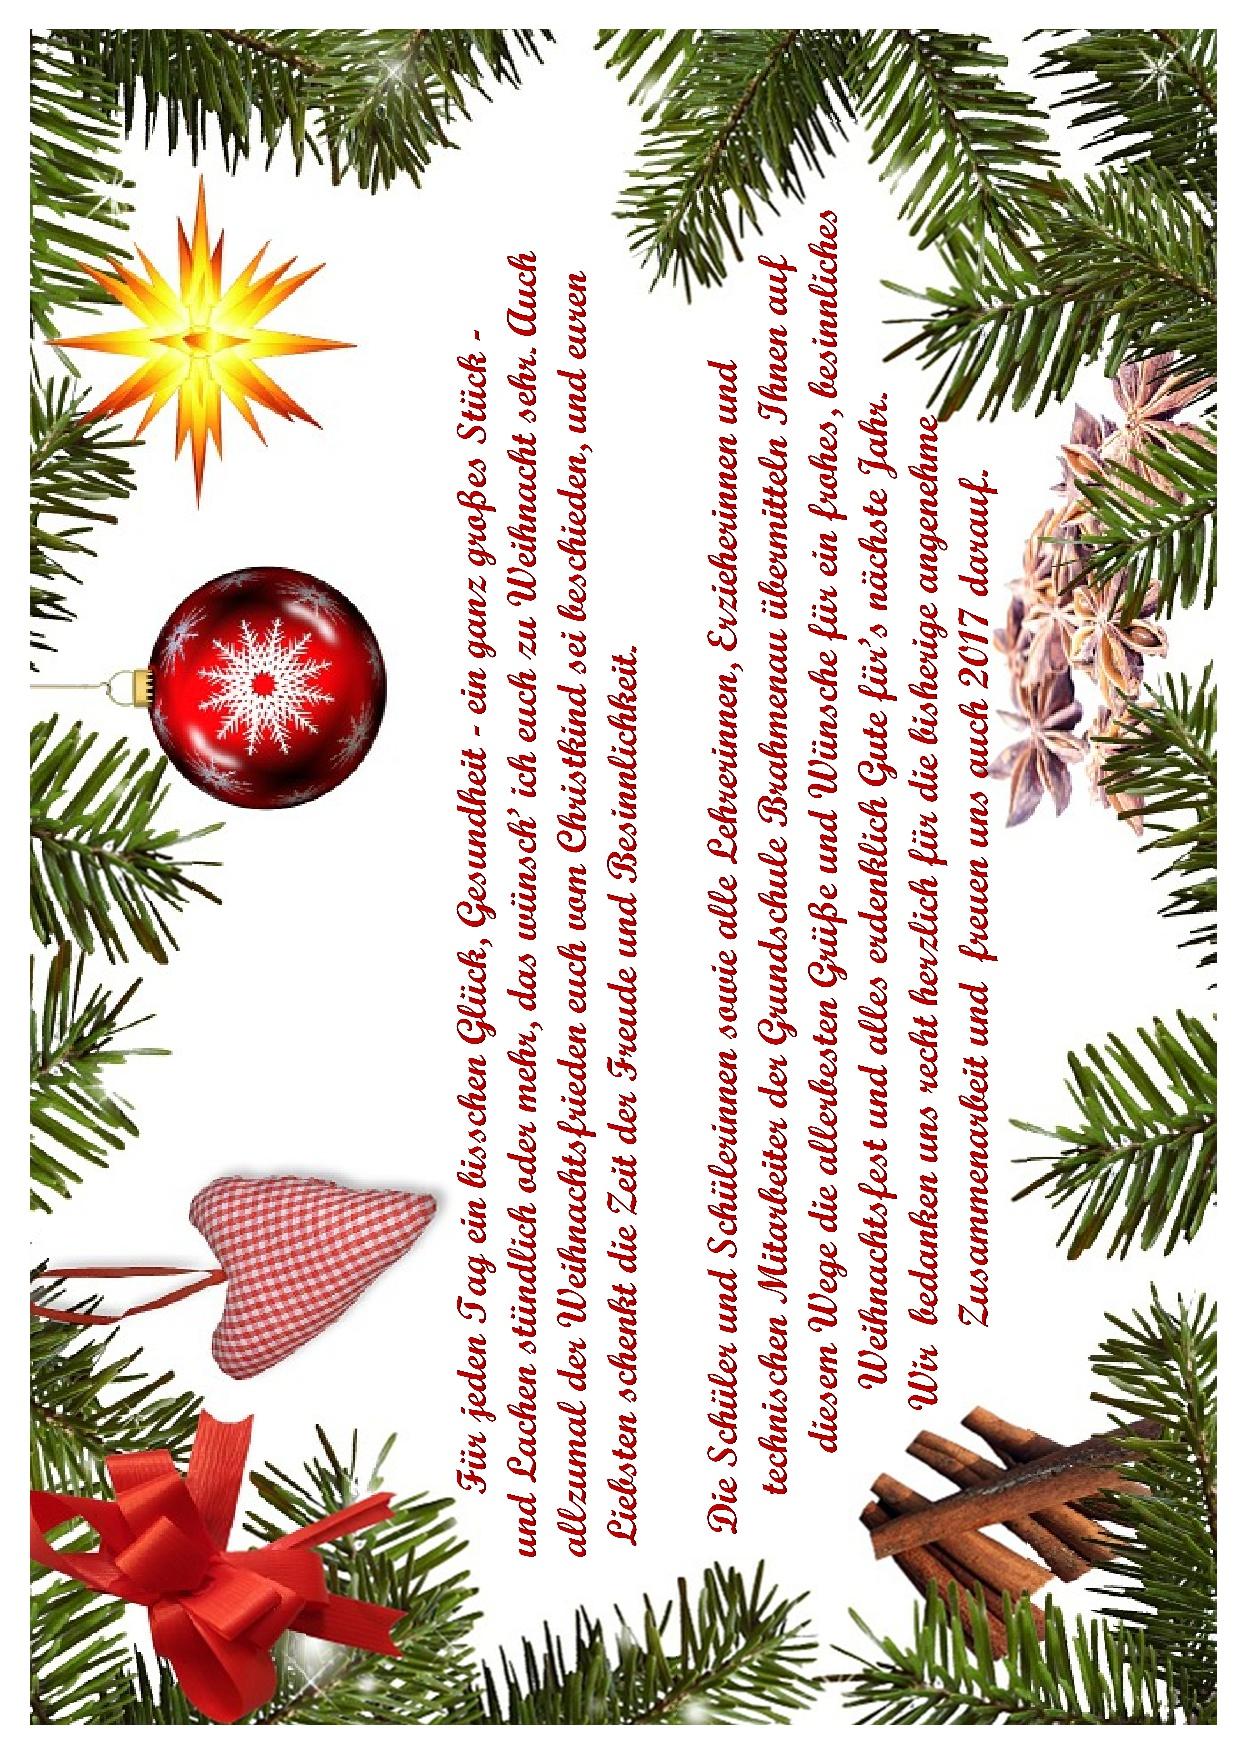 Weihnachtsgrüße An Erzieherinnen.Weihnachtsgrüße 2016 Hompage Grundschule Brahmenau